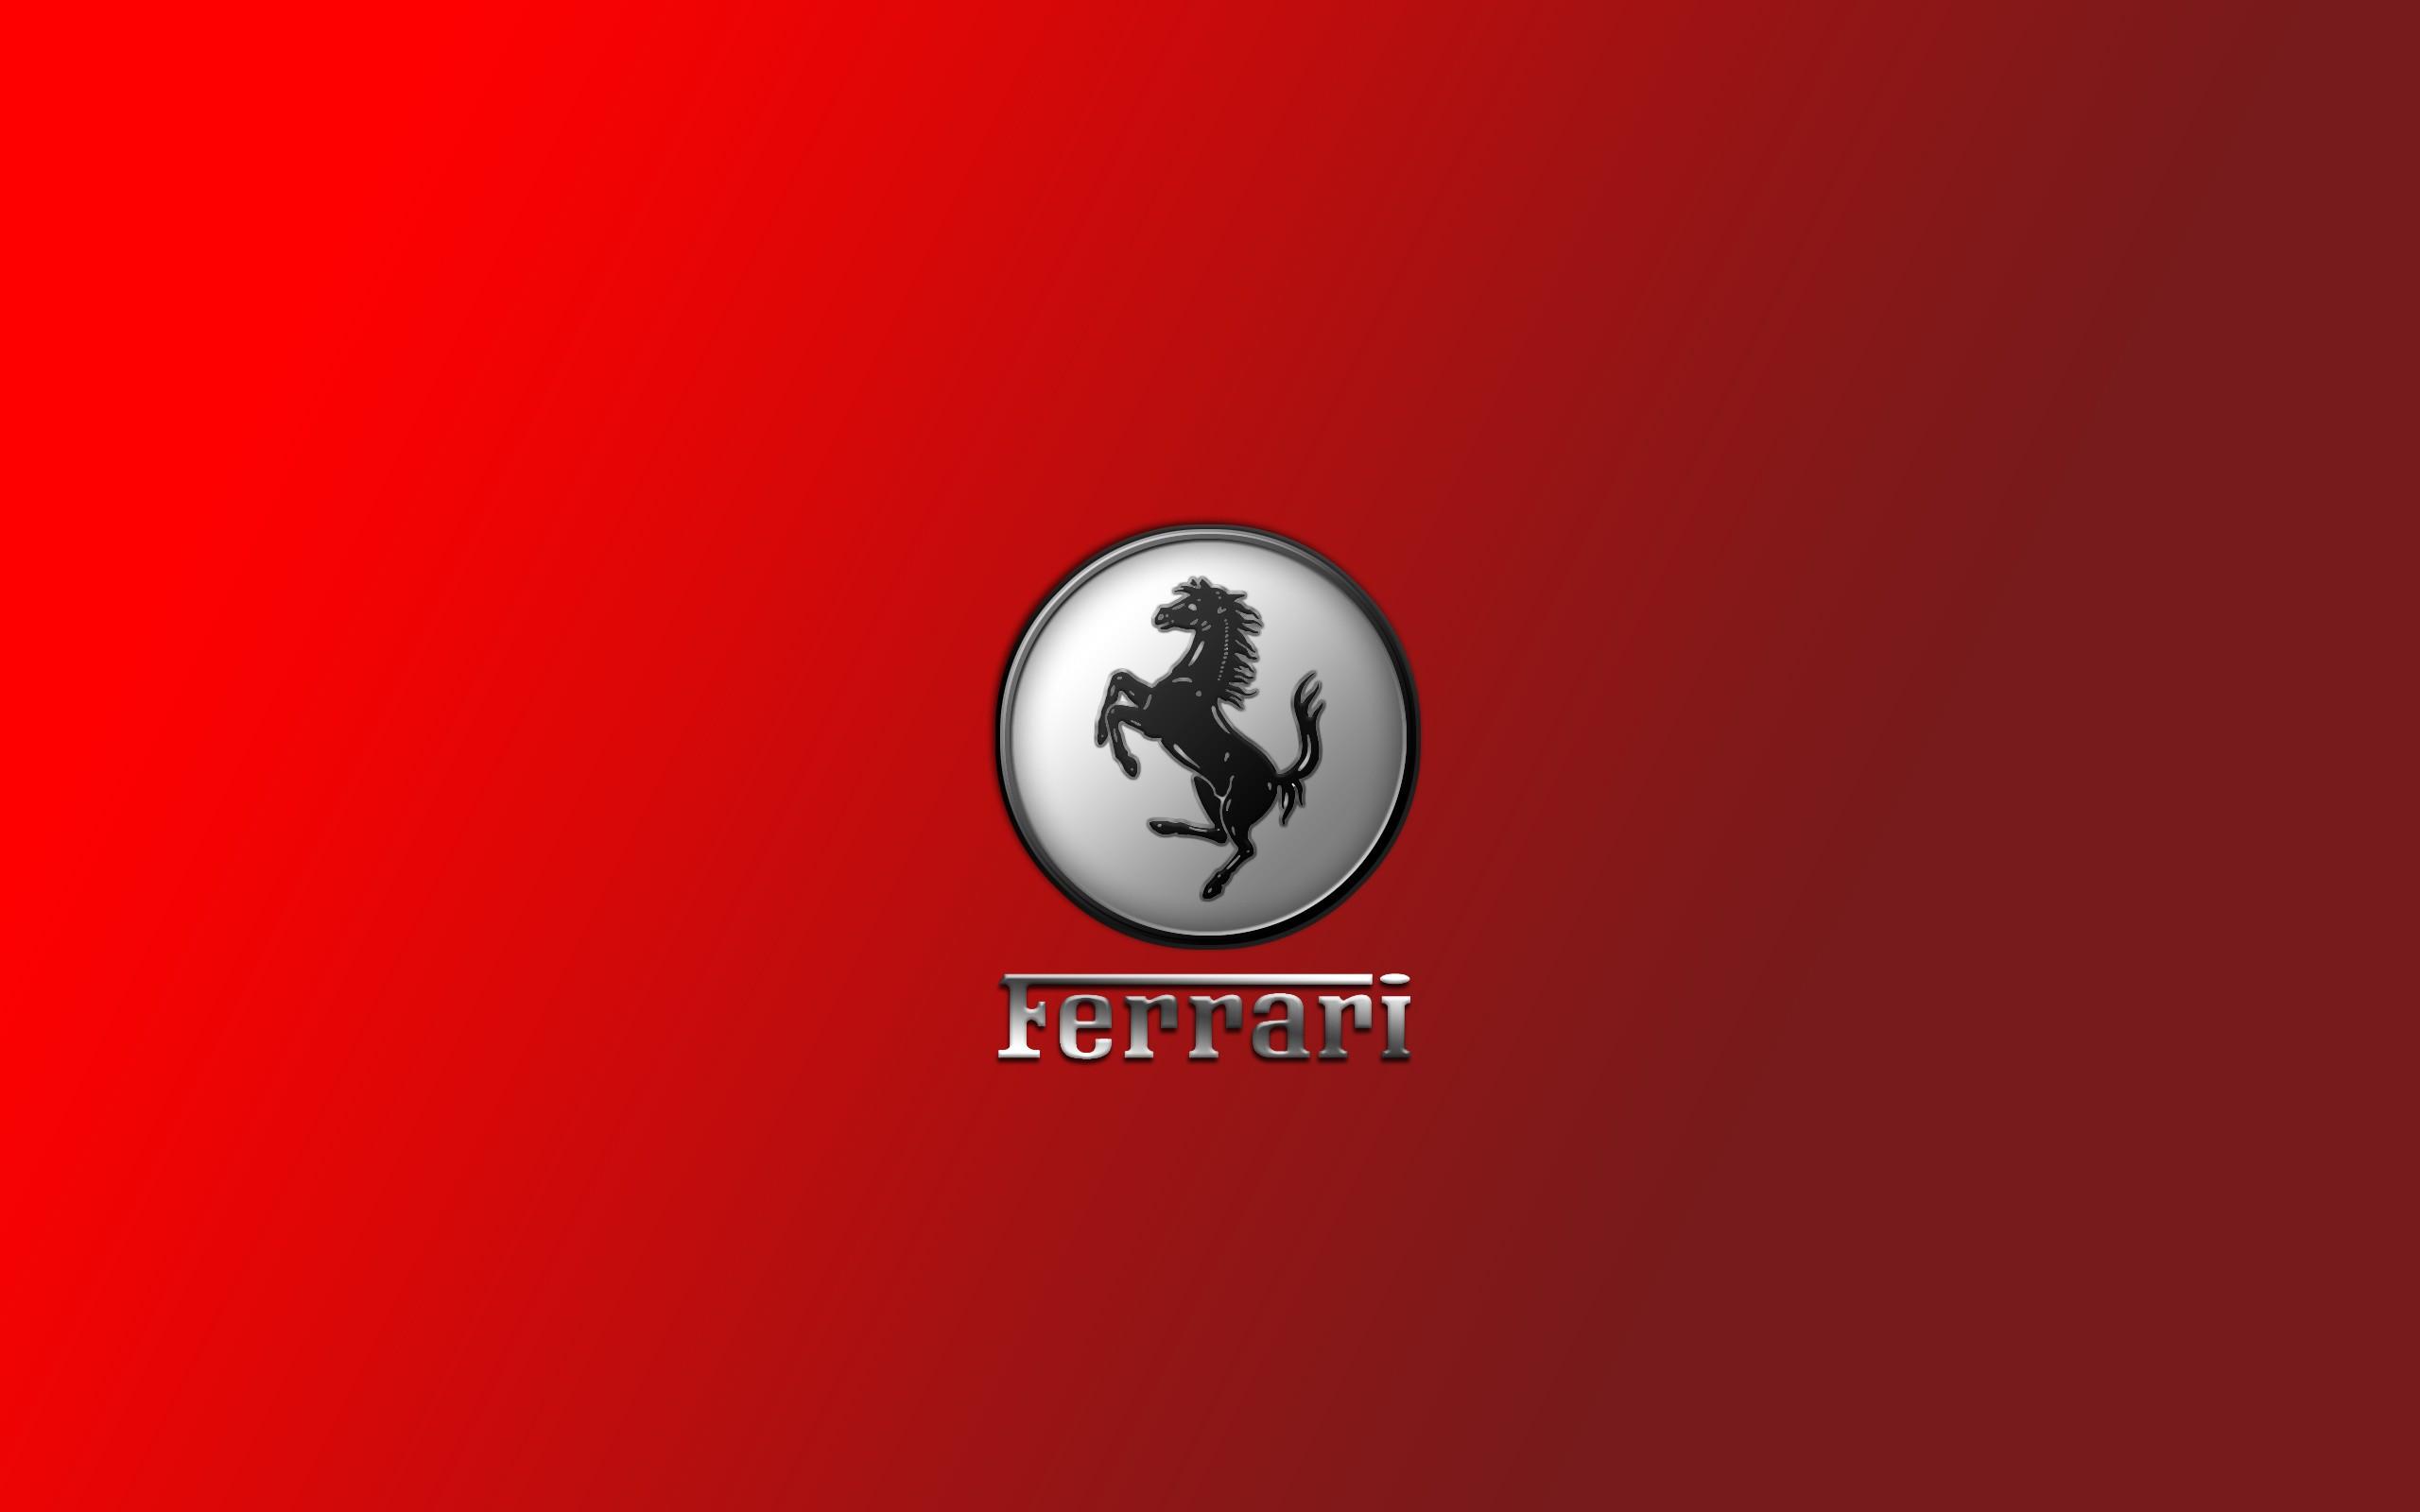 Ferrari Logo - 2560x1600